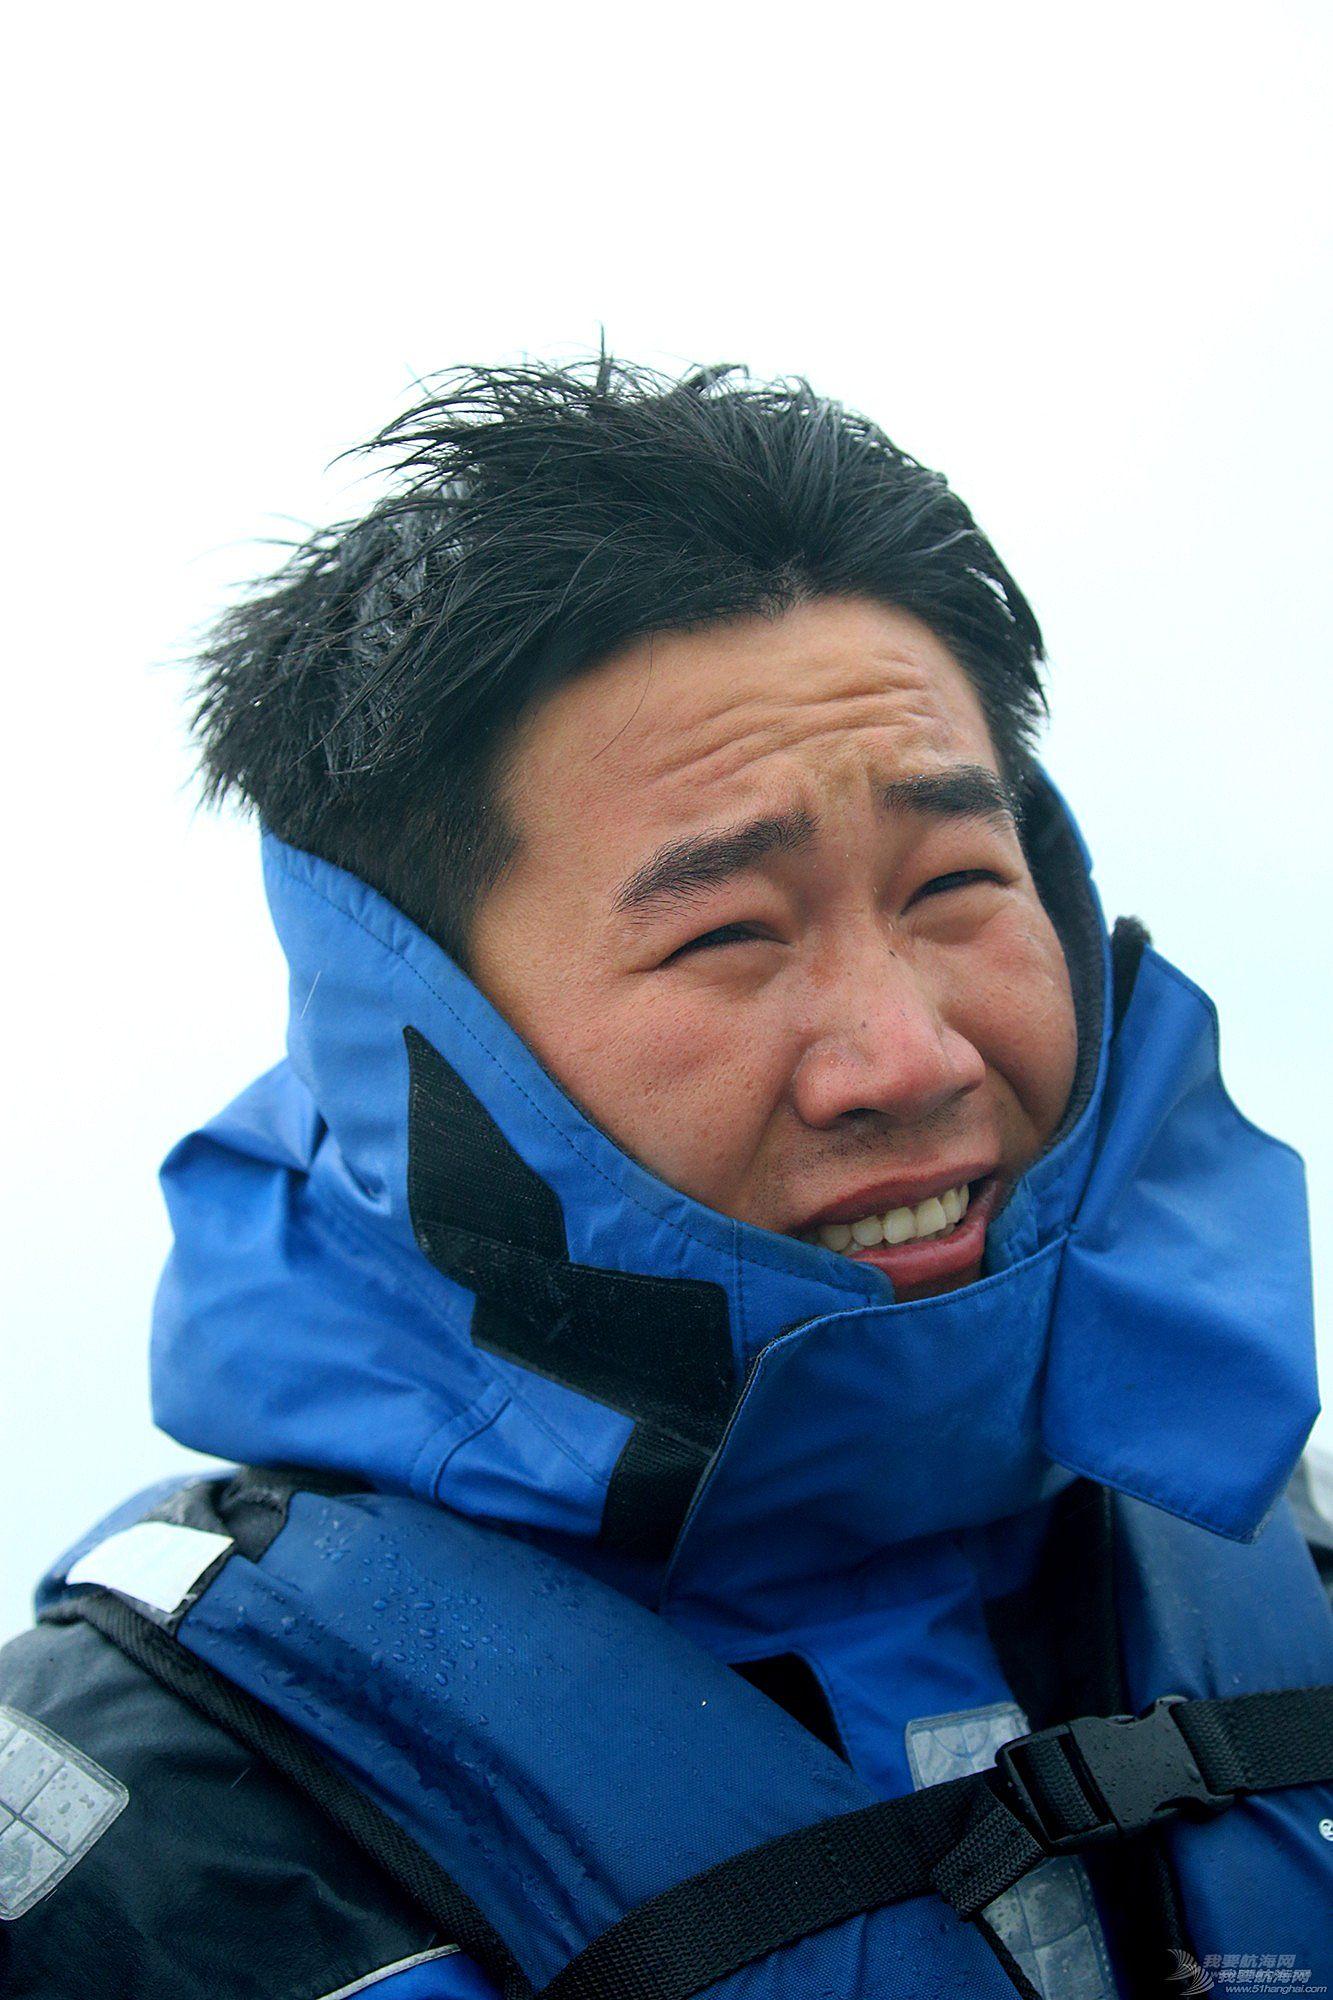 """冬聚淀山湖畔,续写美帆精神----2016冬季淀山湖""""美帆杯""""博纳多帆船赛首日赛况"""